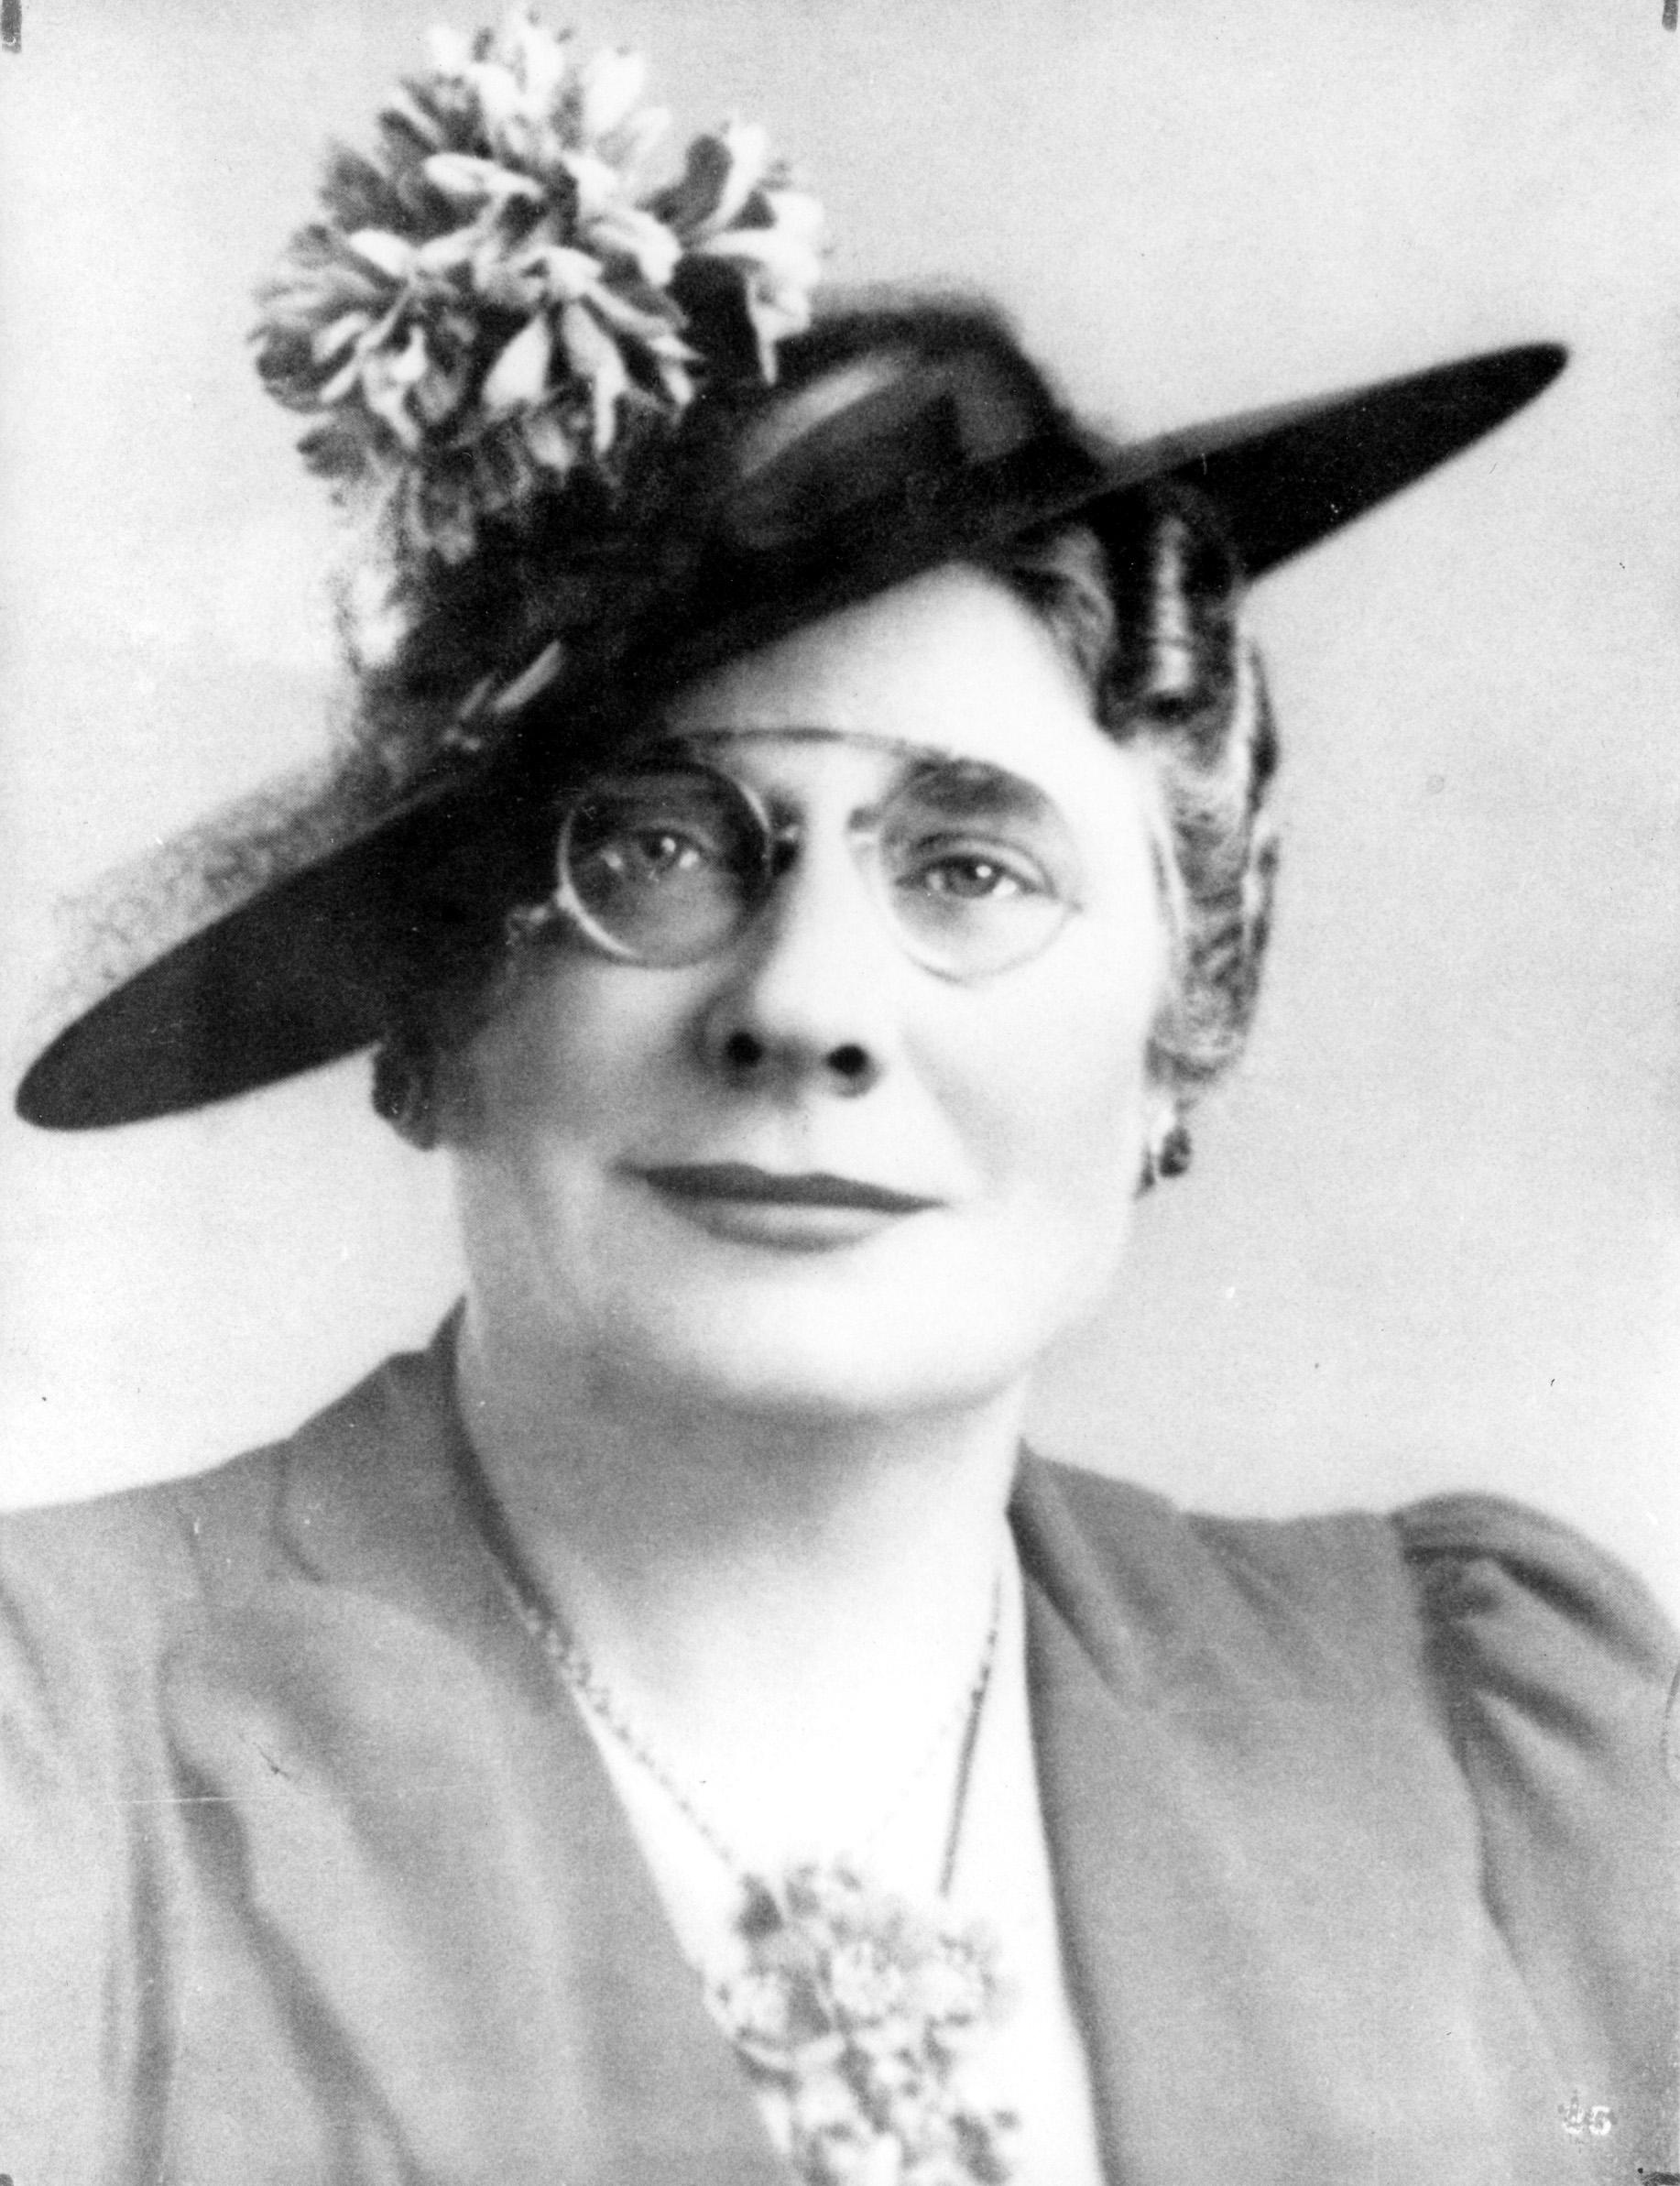 Mears, Henrietta Cornelia